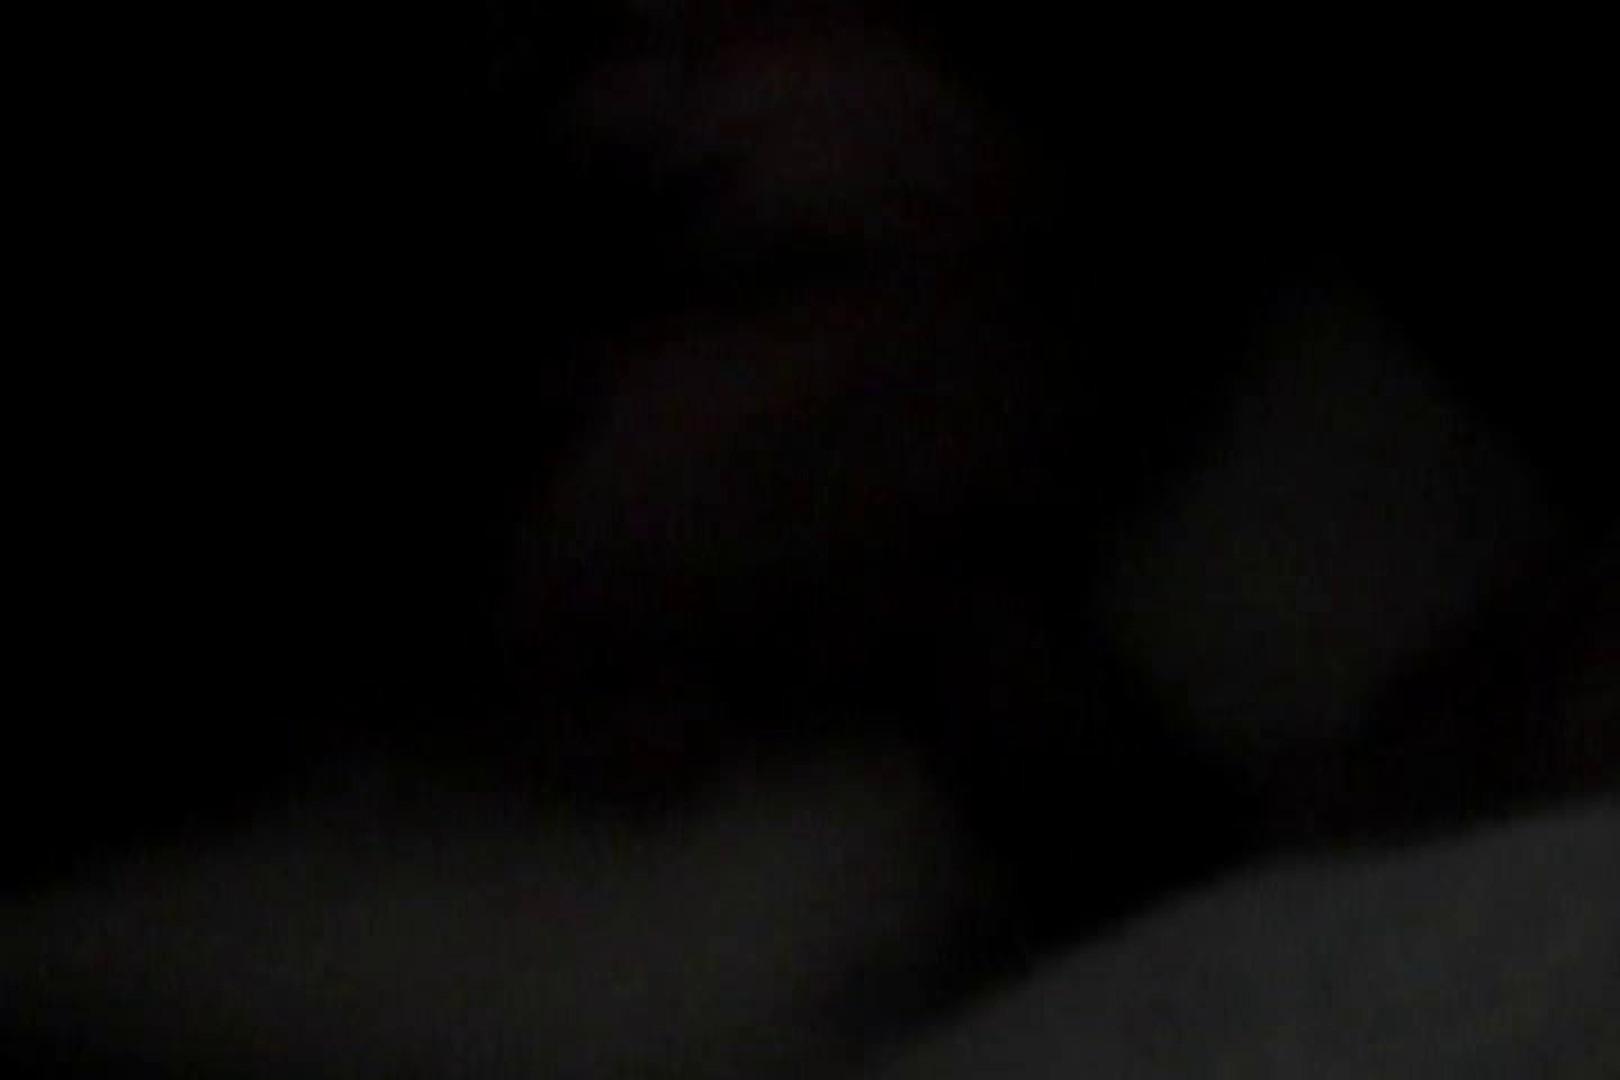 三ツ星シリーズ 魅惑のMemorial Night!! vol.03 三ツ星シリーズ ゲイ丸見え画像 101枚 49